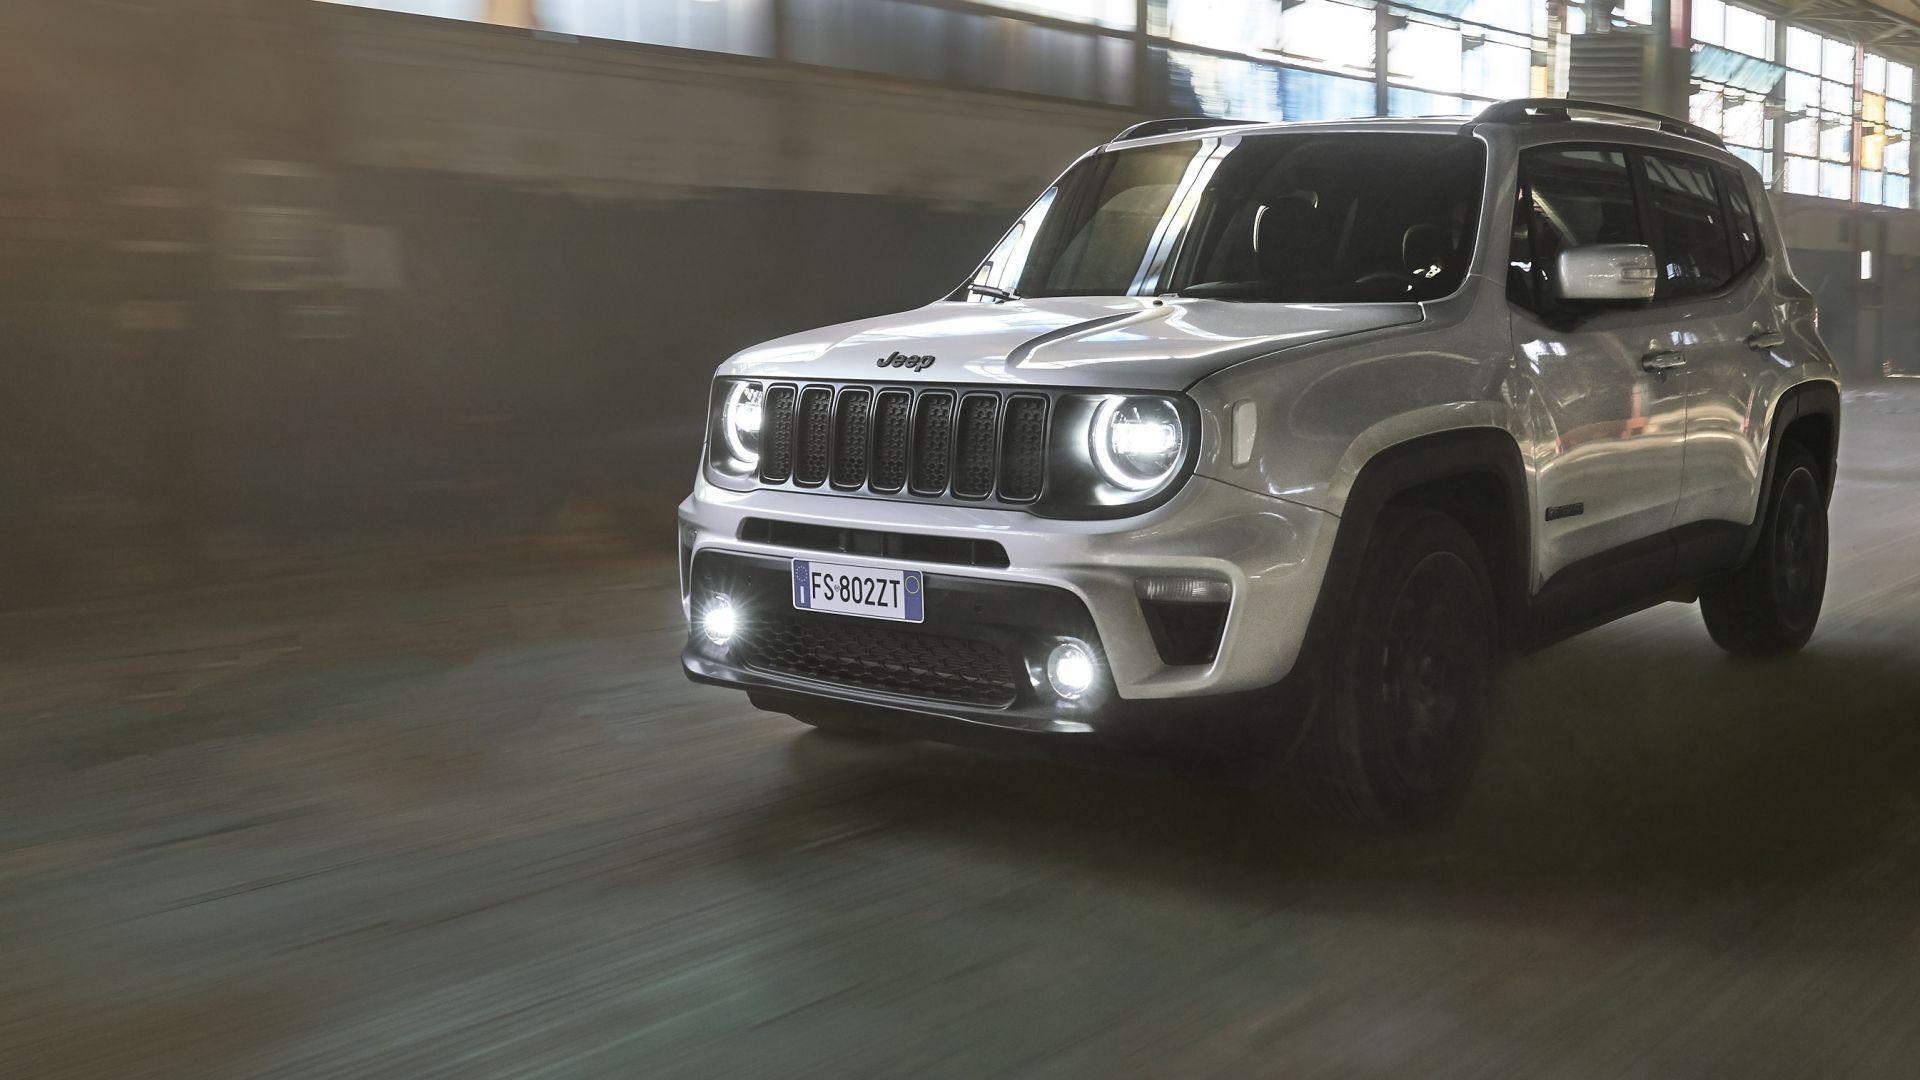 Jeep Renegade Limited >> Jeep Renegade S, serie speciale 2019. Prezzi e dotazioni interne - MotorBox